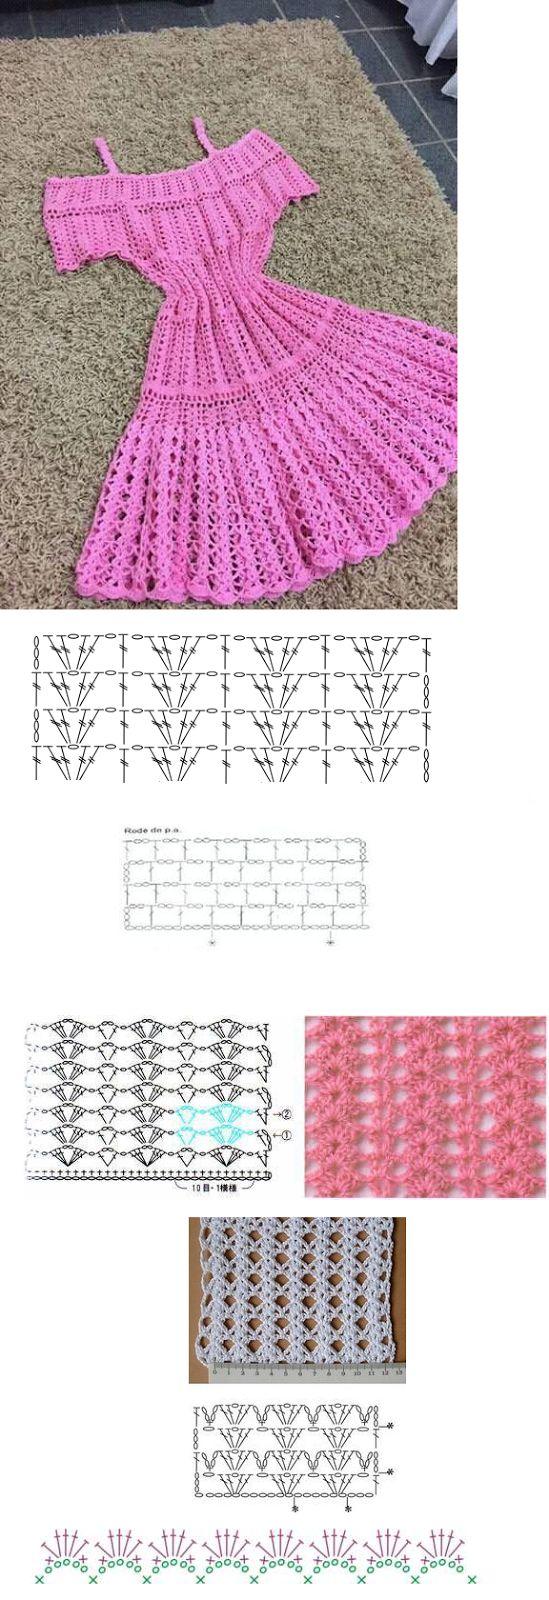 687 best Otilia images on Pinterest   Crochet patterns, Chrochet and ...